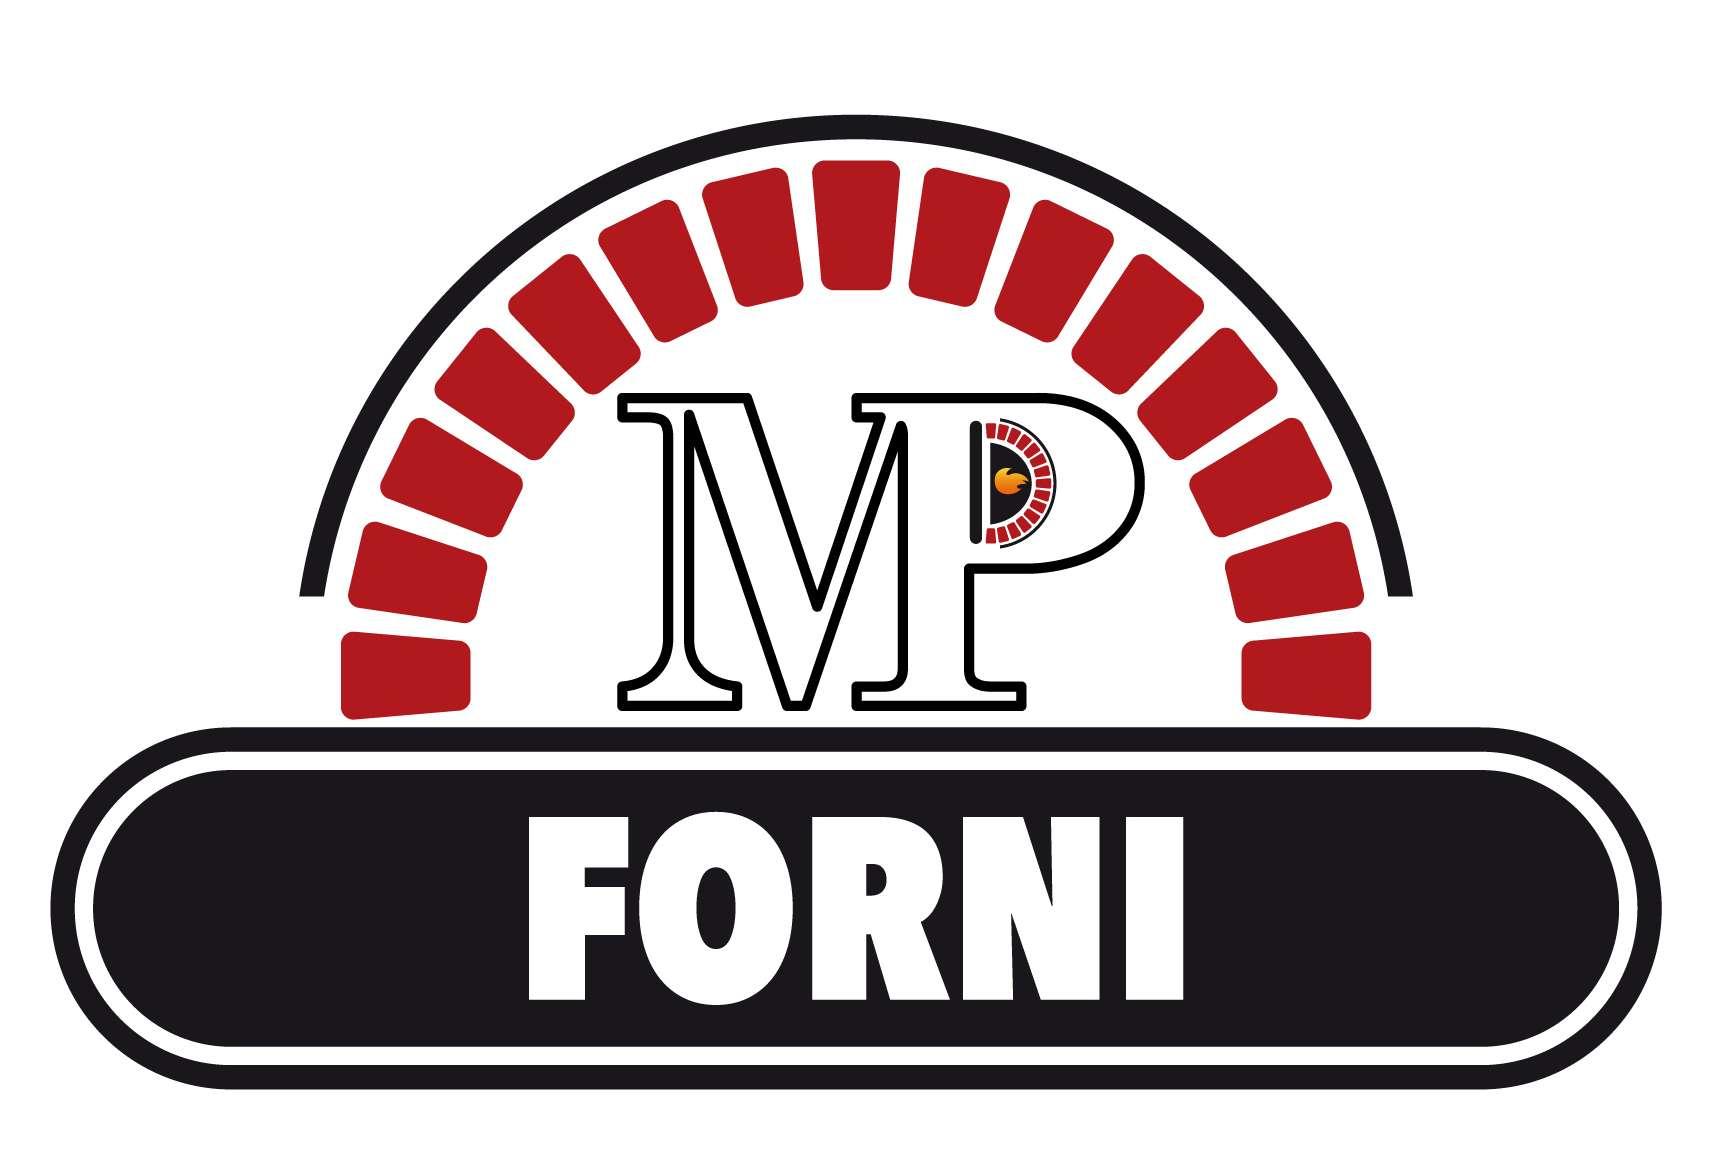 MP FORNI